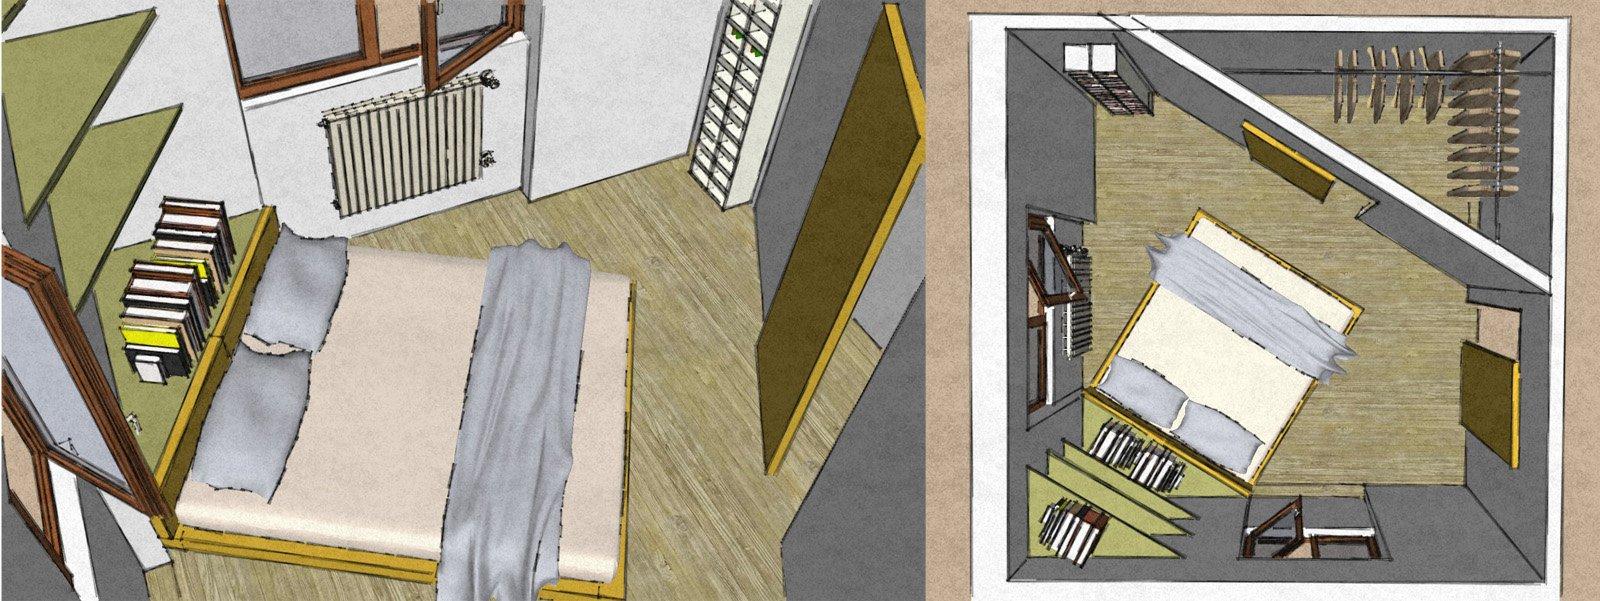 Arredo Camera Da Letto Piccola: Arredare una camera da letto piccola.